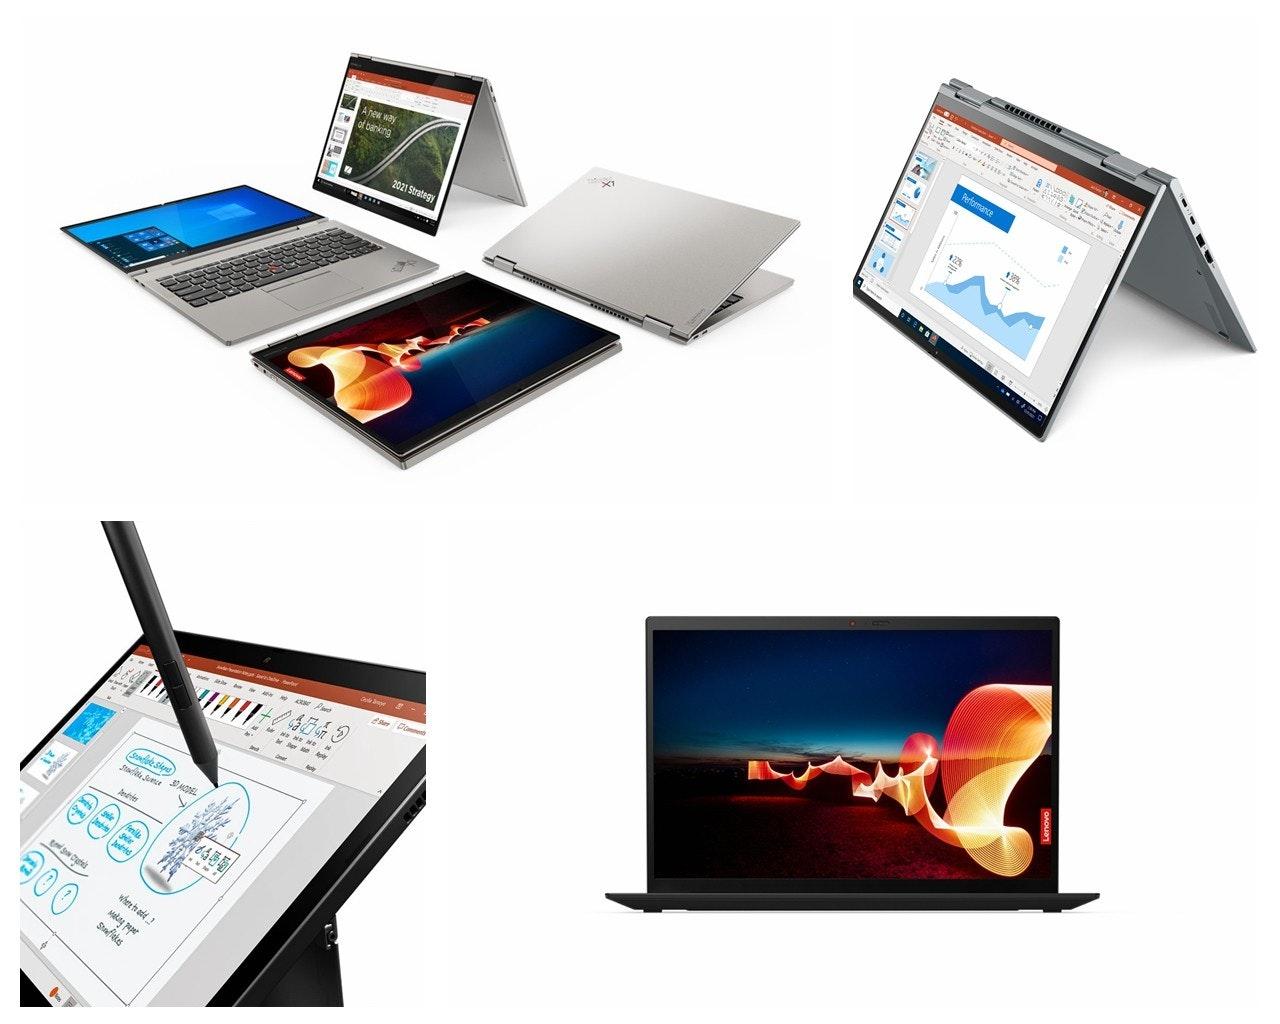 照片中提到了where ts at、Makay papr、Onouan,包含了小工具、聯想、CES 2021、電腦顯示器、電腦